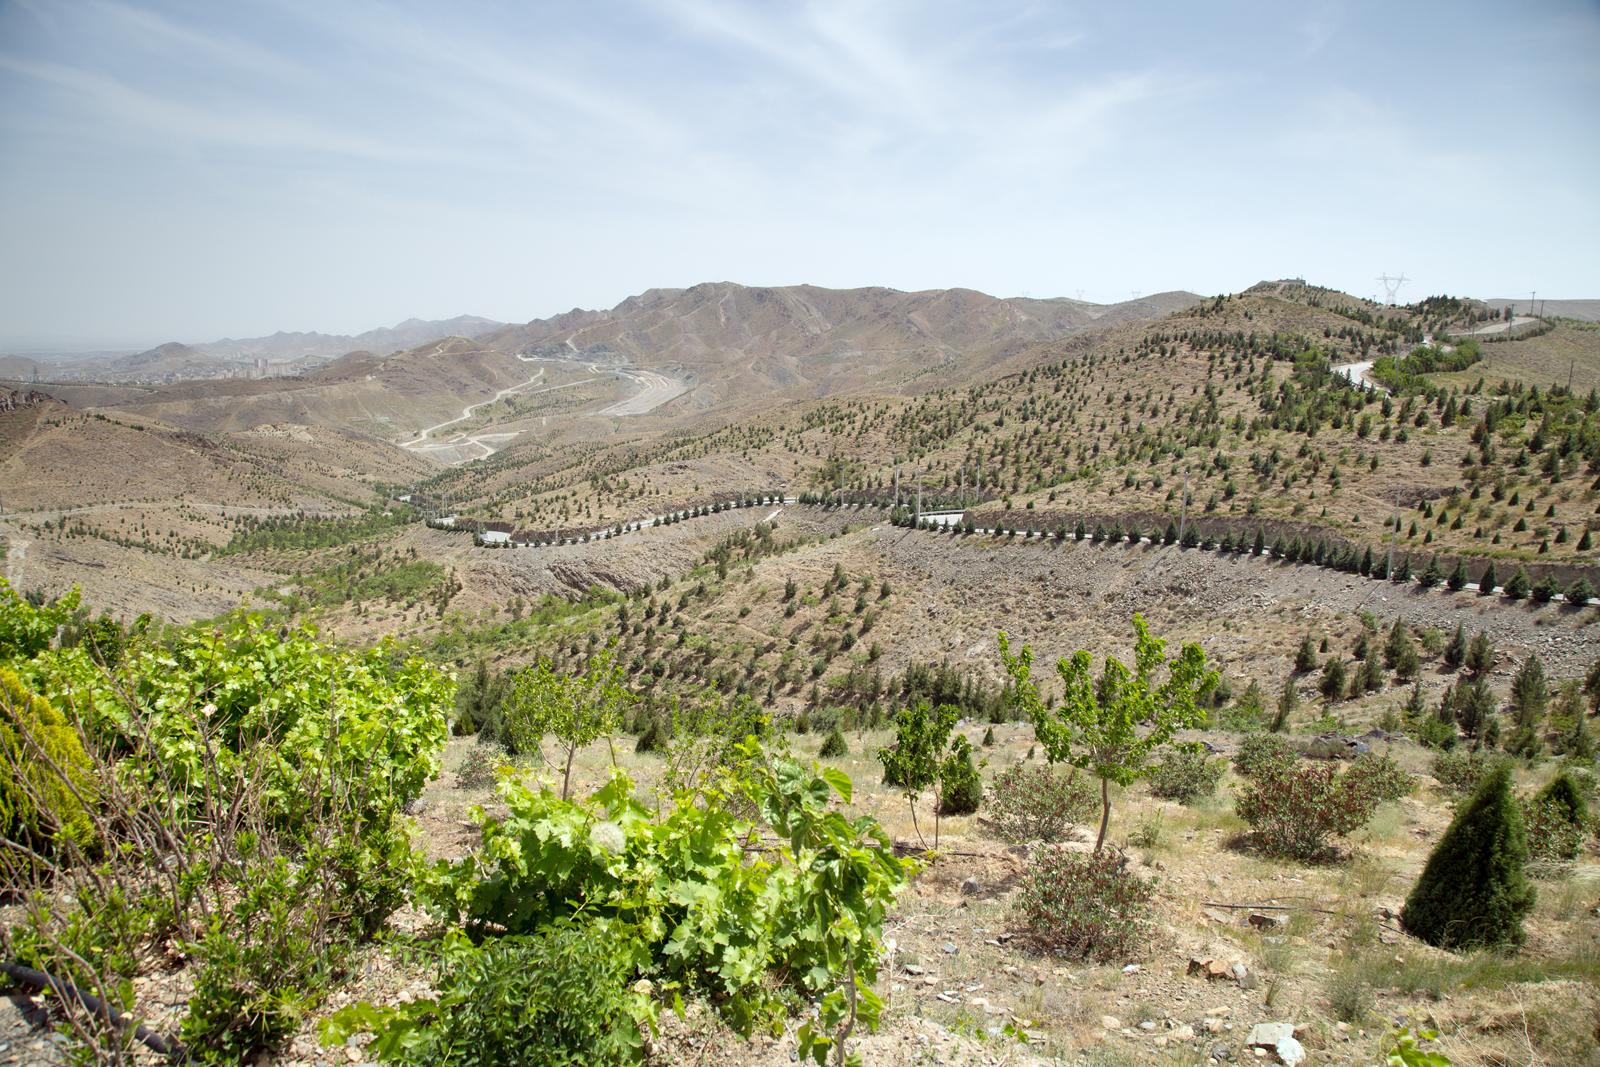 پوشش گیاهی در حریم شهری مشهد